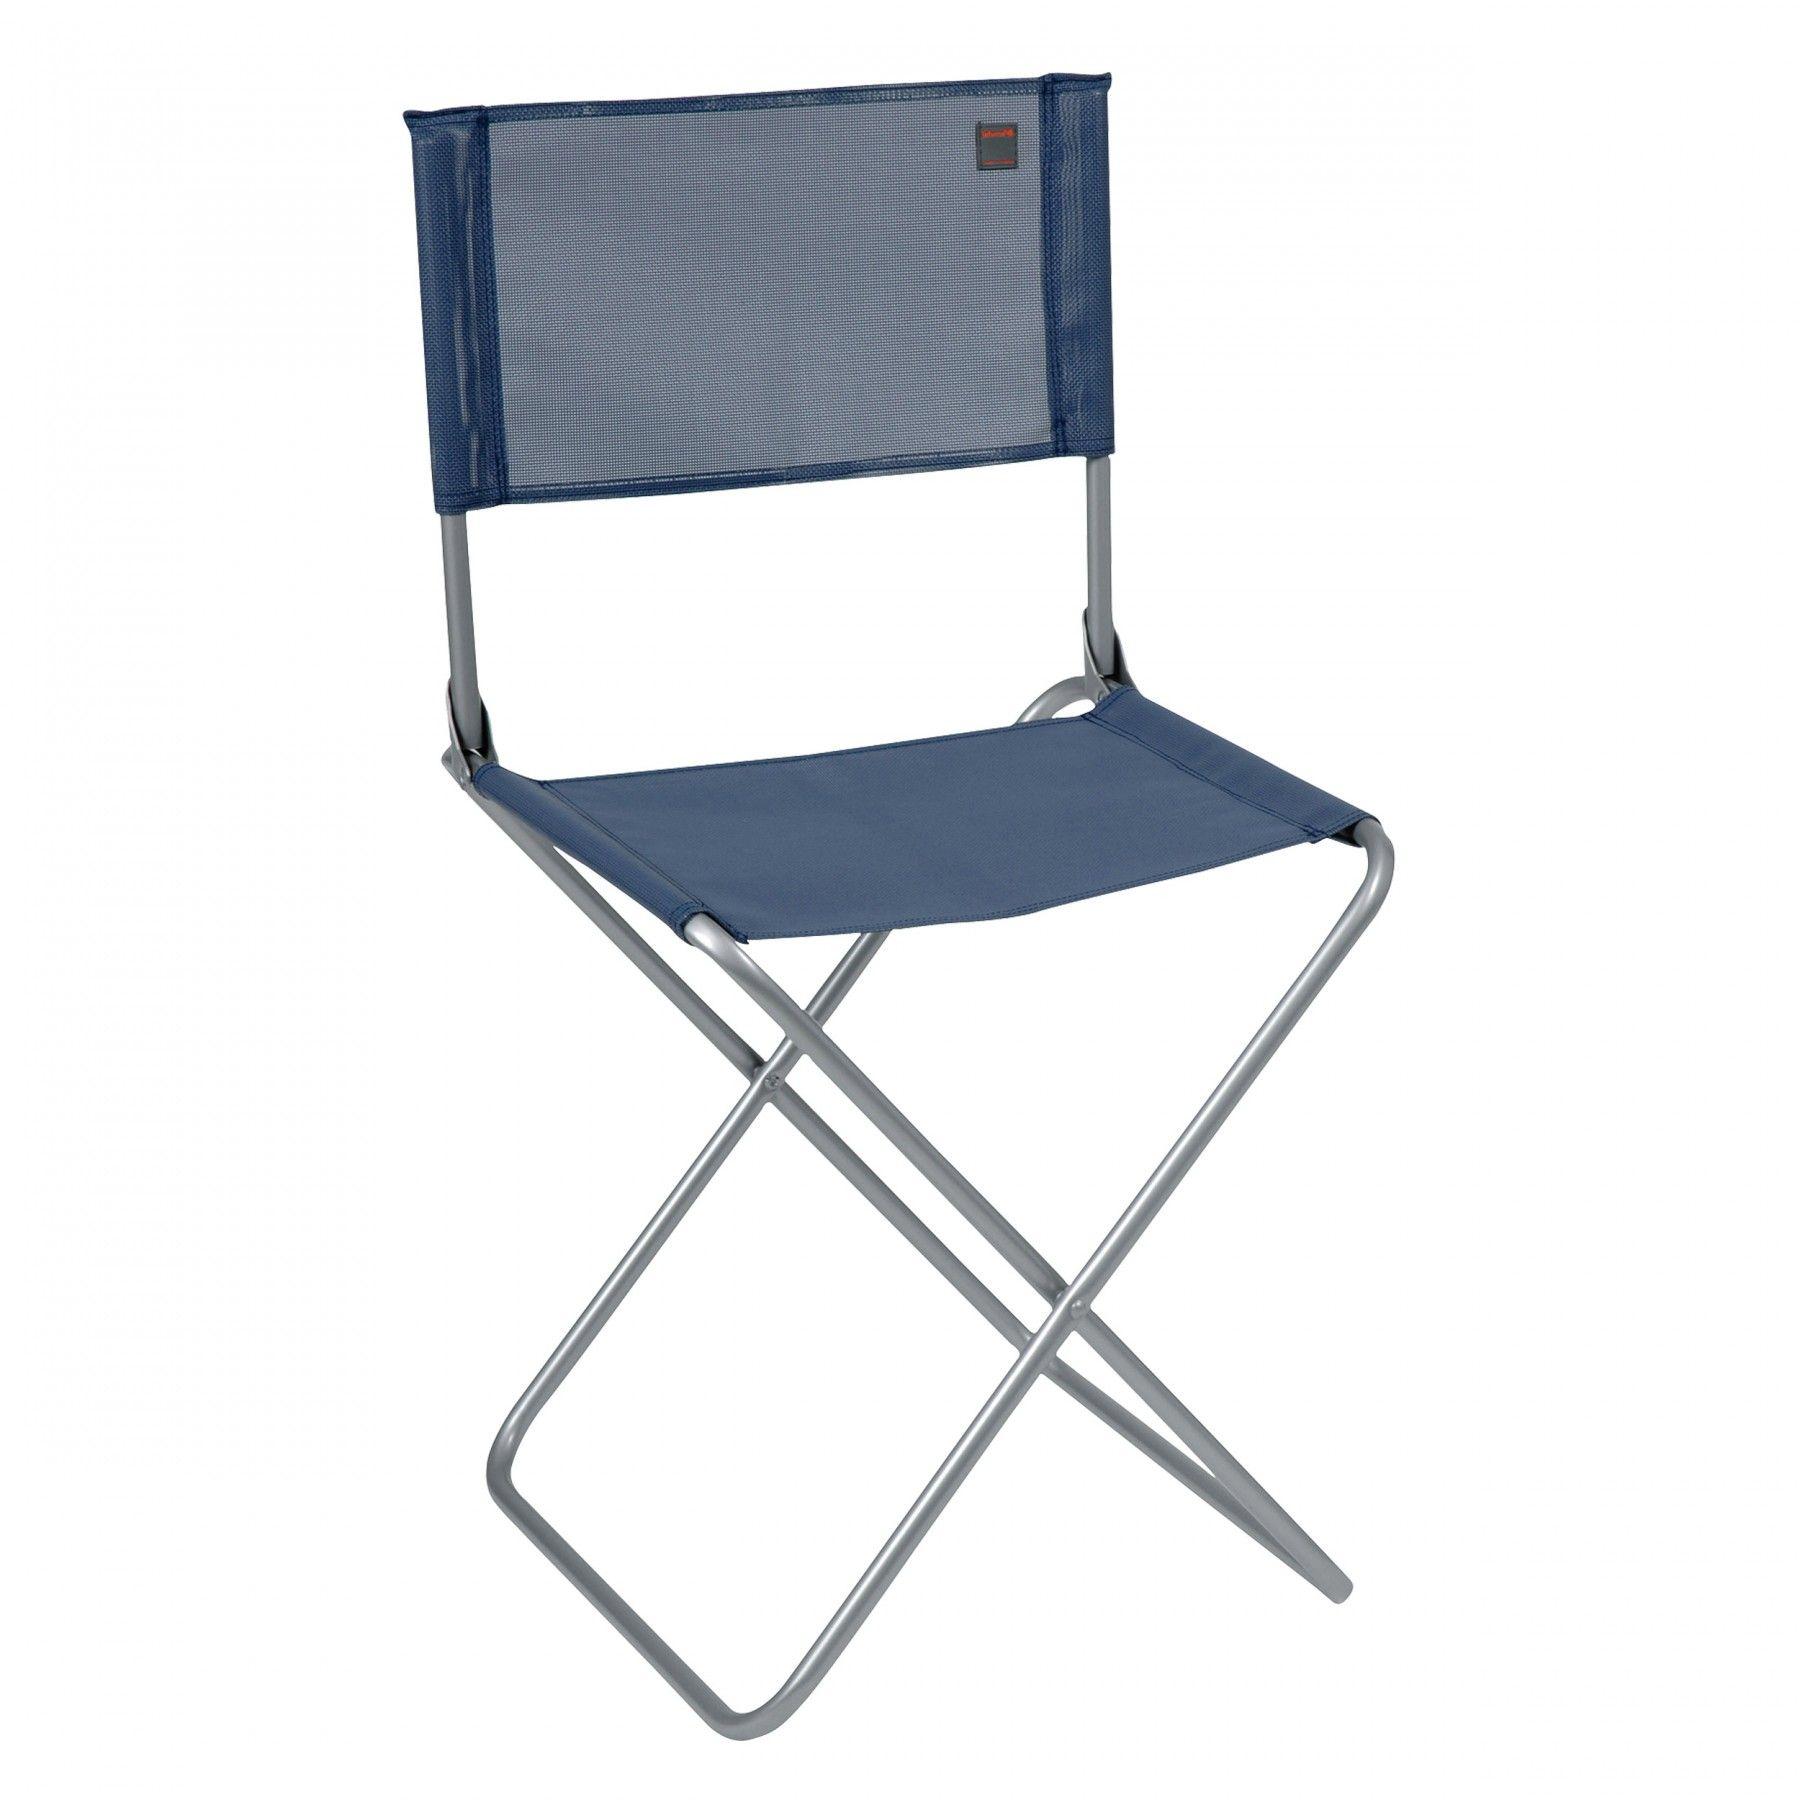 Chaise De Camping Cno Lafuma C Est La Chaise Ideale En Camping A L Heure Du Repas Ou De La Partie De Cartes Elle Es Chaise Pliante Chaise De Camping Chaise